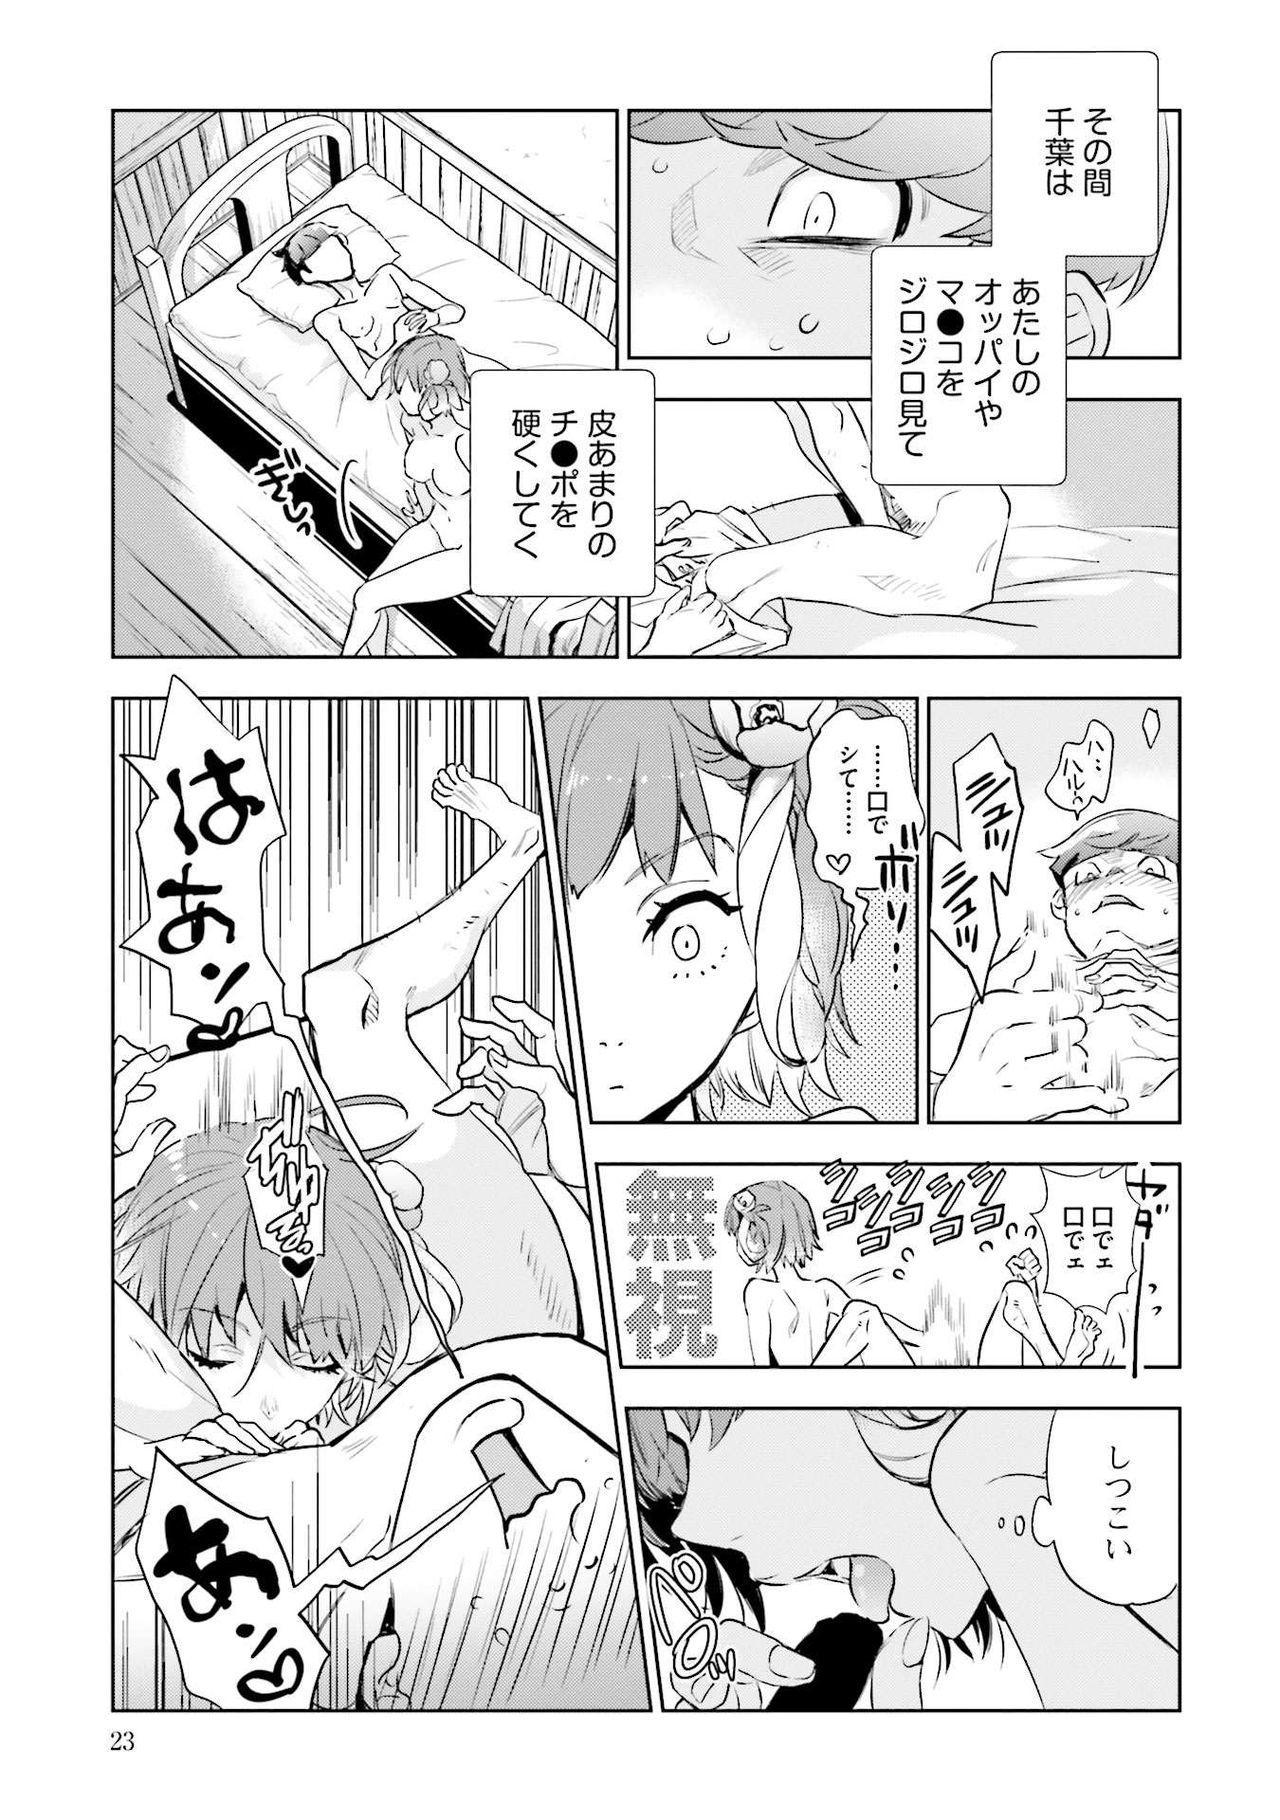 JK Haru wa Isekai de Shoufu ni Natta 1-14 24